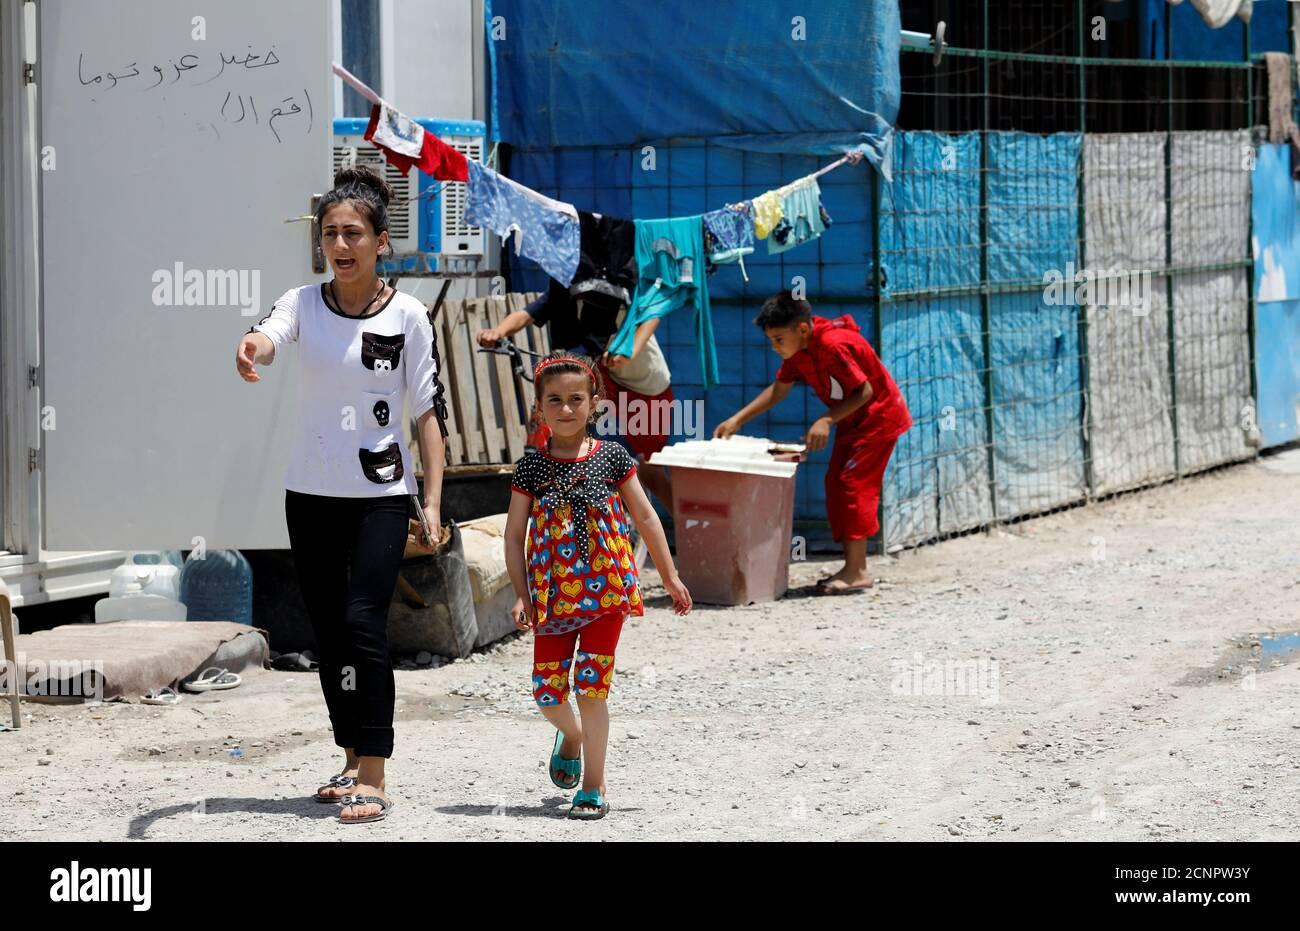 Christina Ezzo Abada irachena, ex ostaggio di militanti dello Stato islamico per tre anni, cammina con la sorella in un campo profughi a Erbil, Iraq, 10 giugno 2017. REUTERS/Erik De Castro Foto Stock